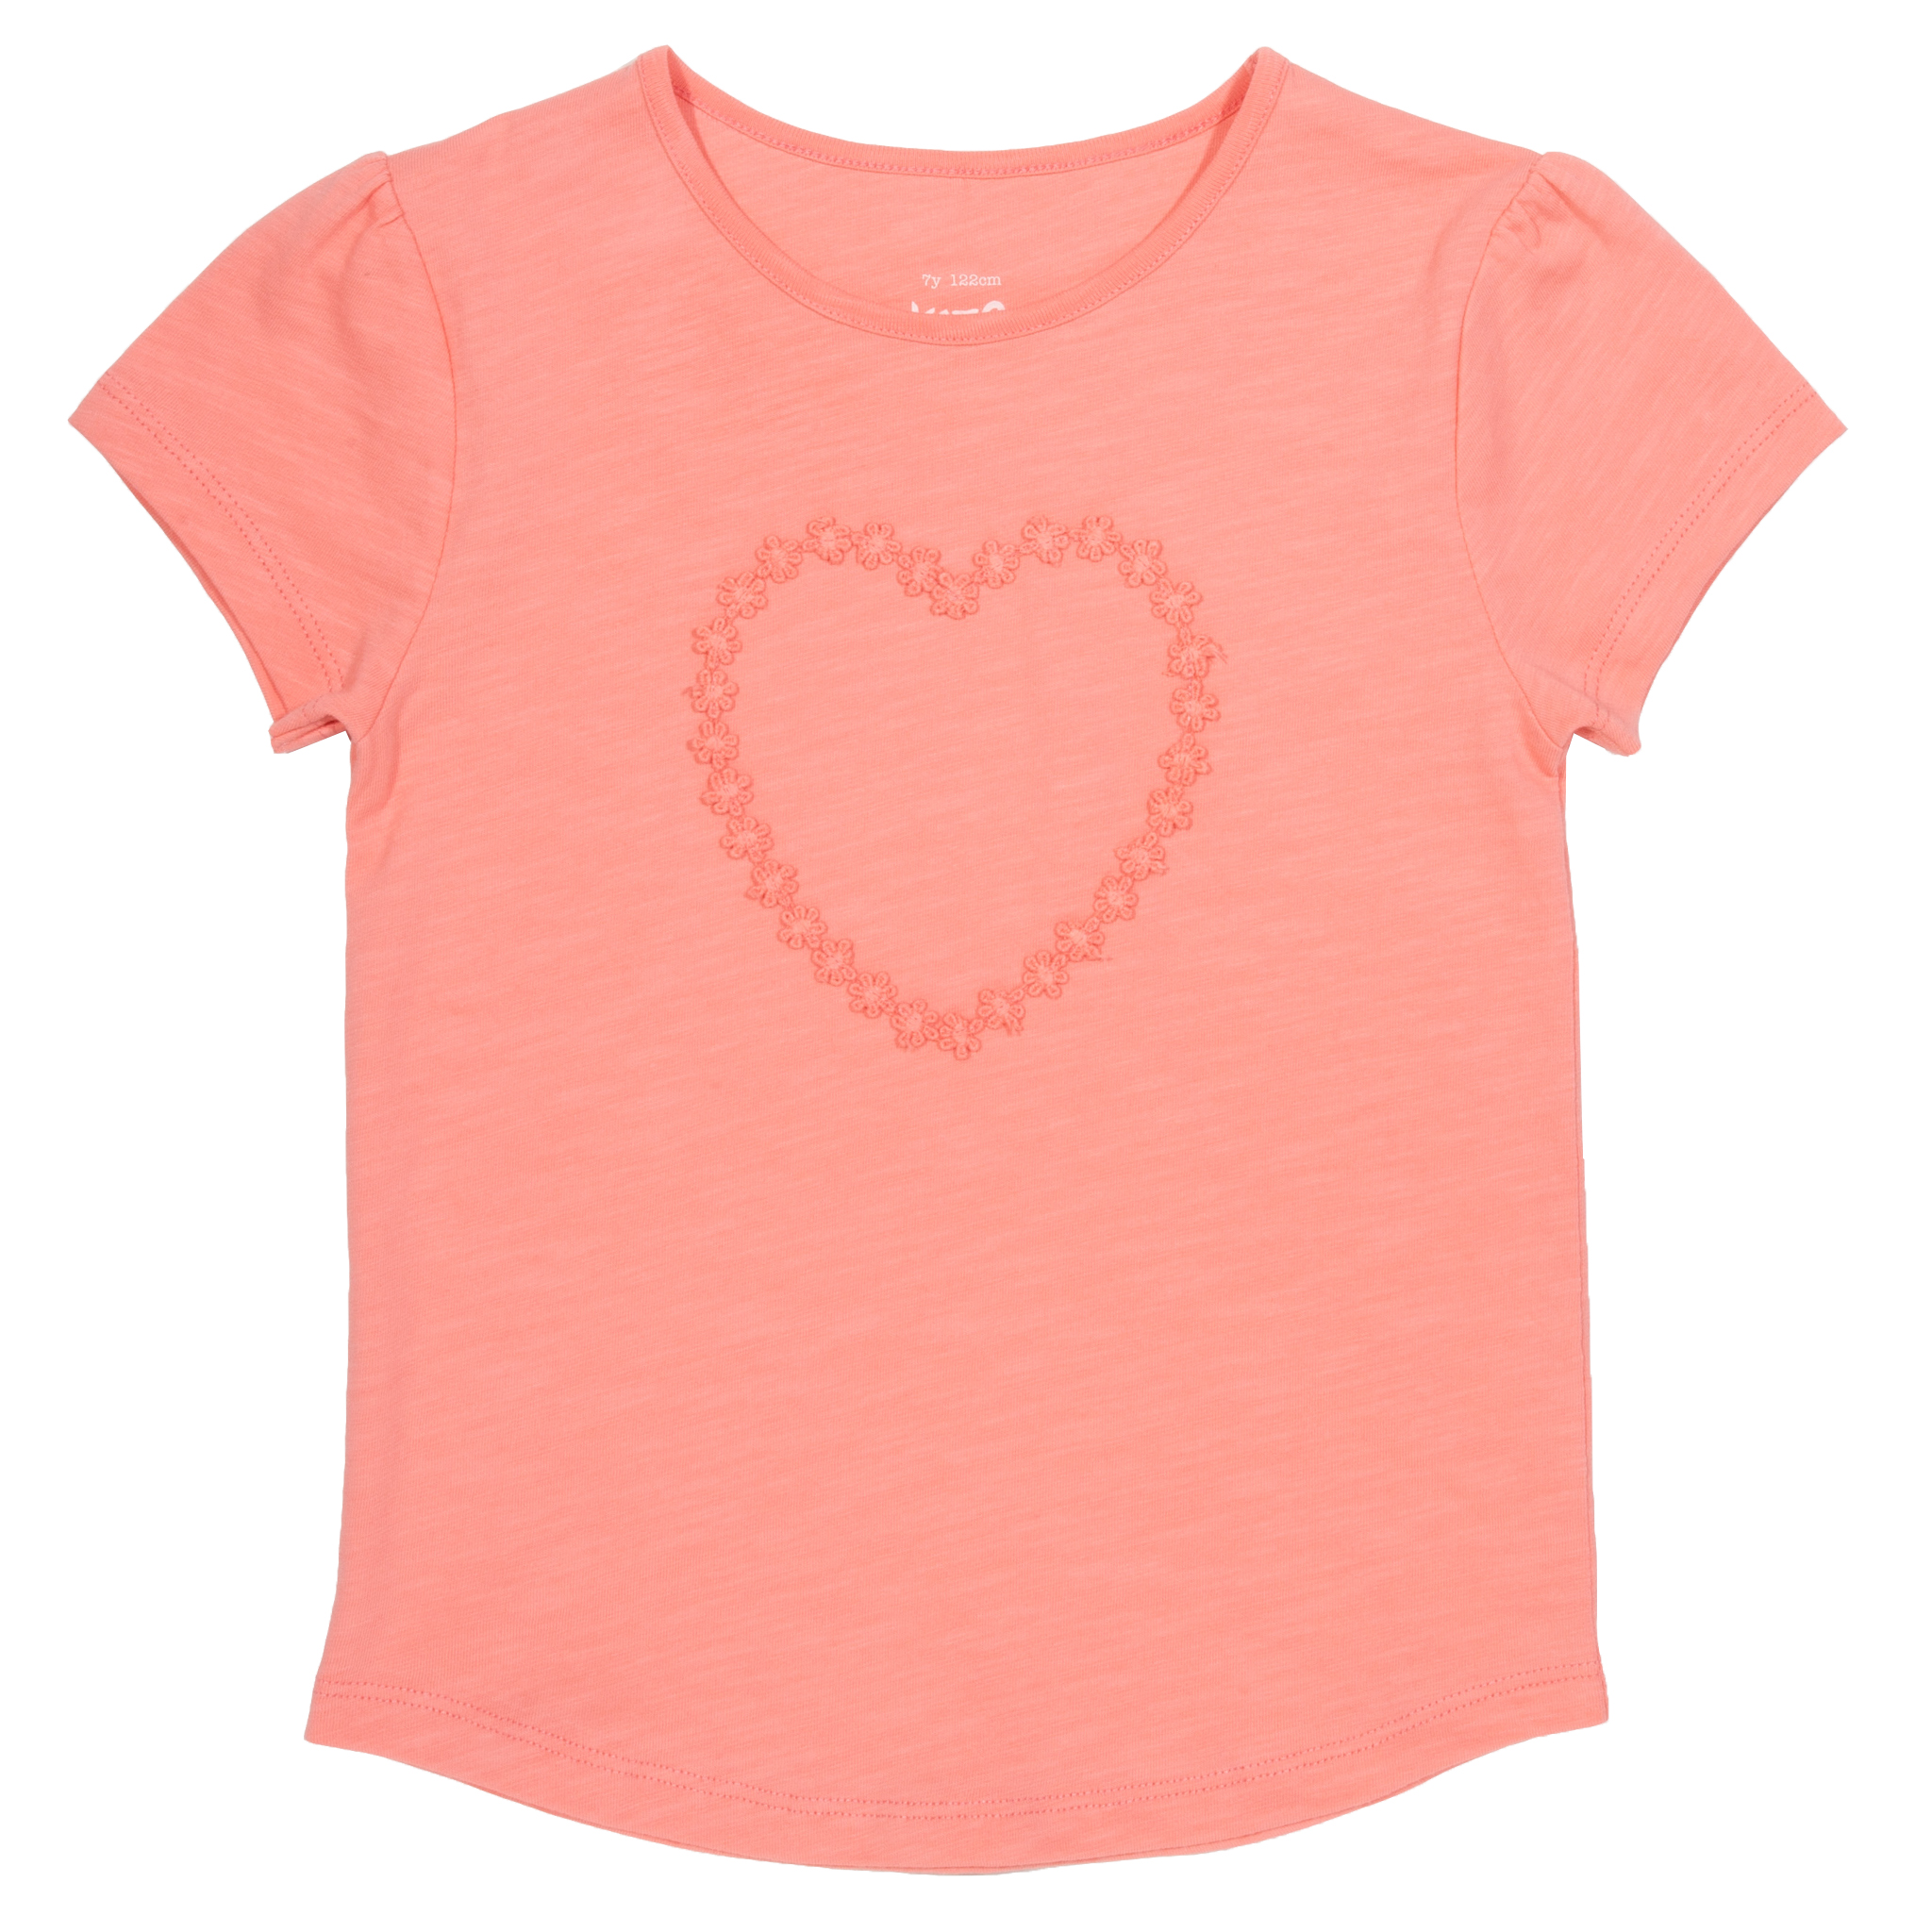 Kite Daisy Heart T Shirt